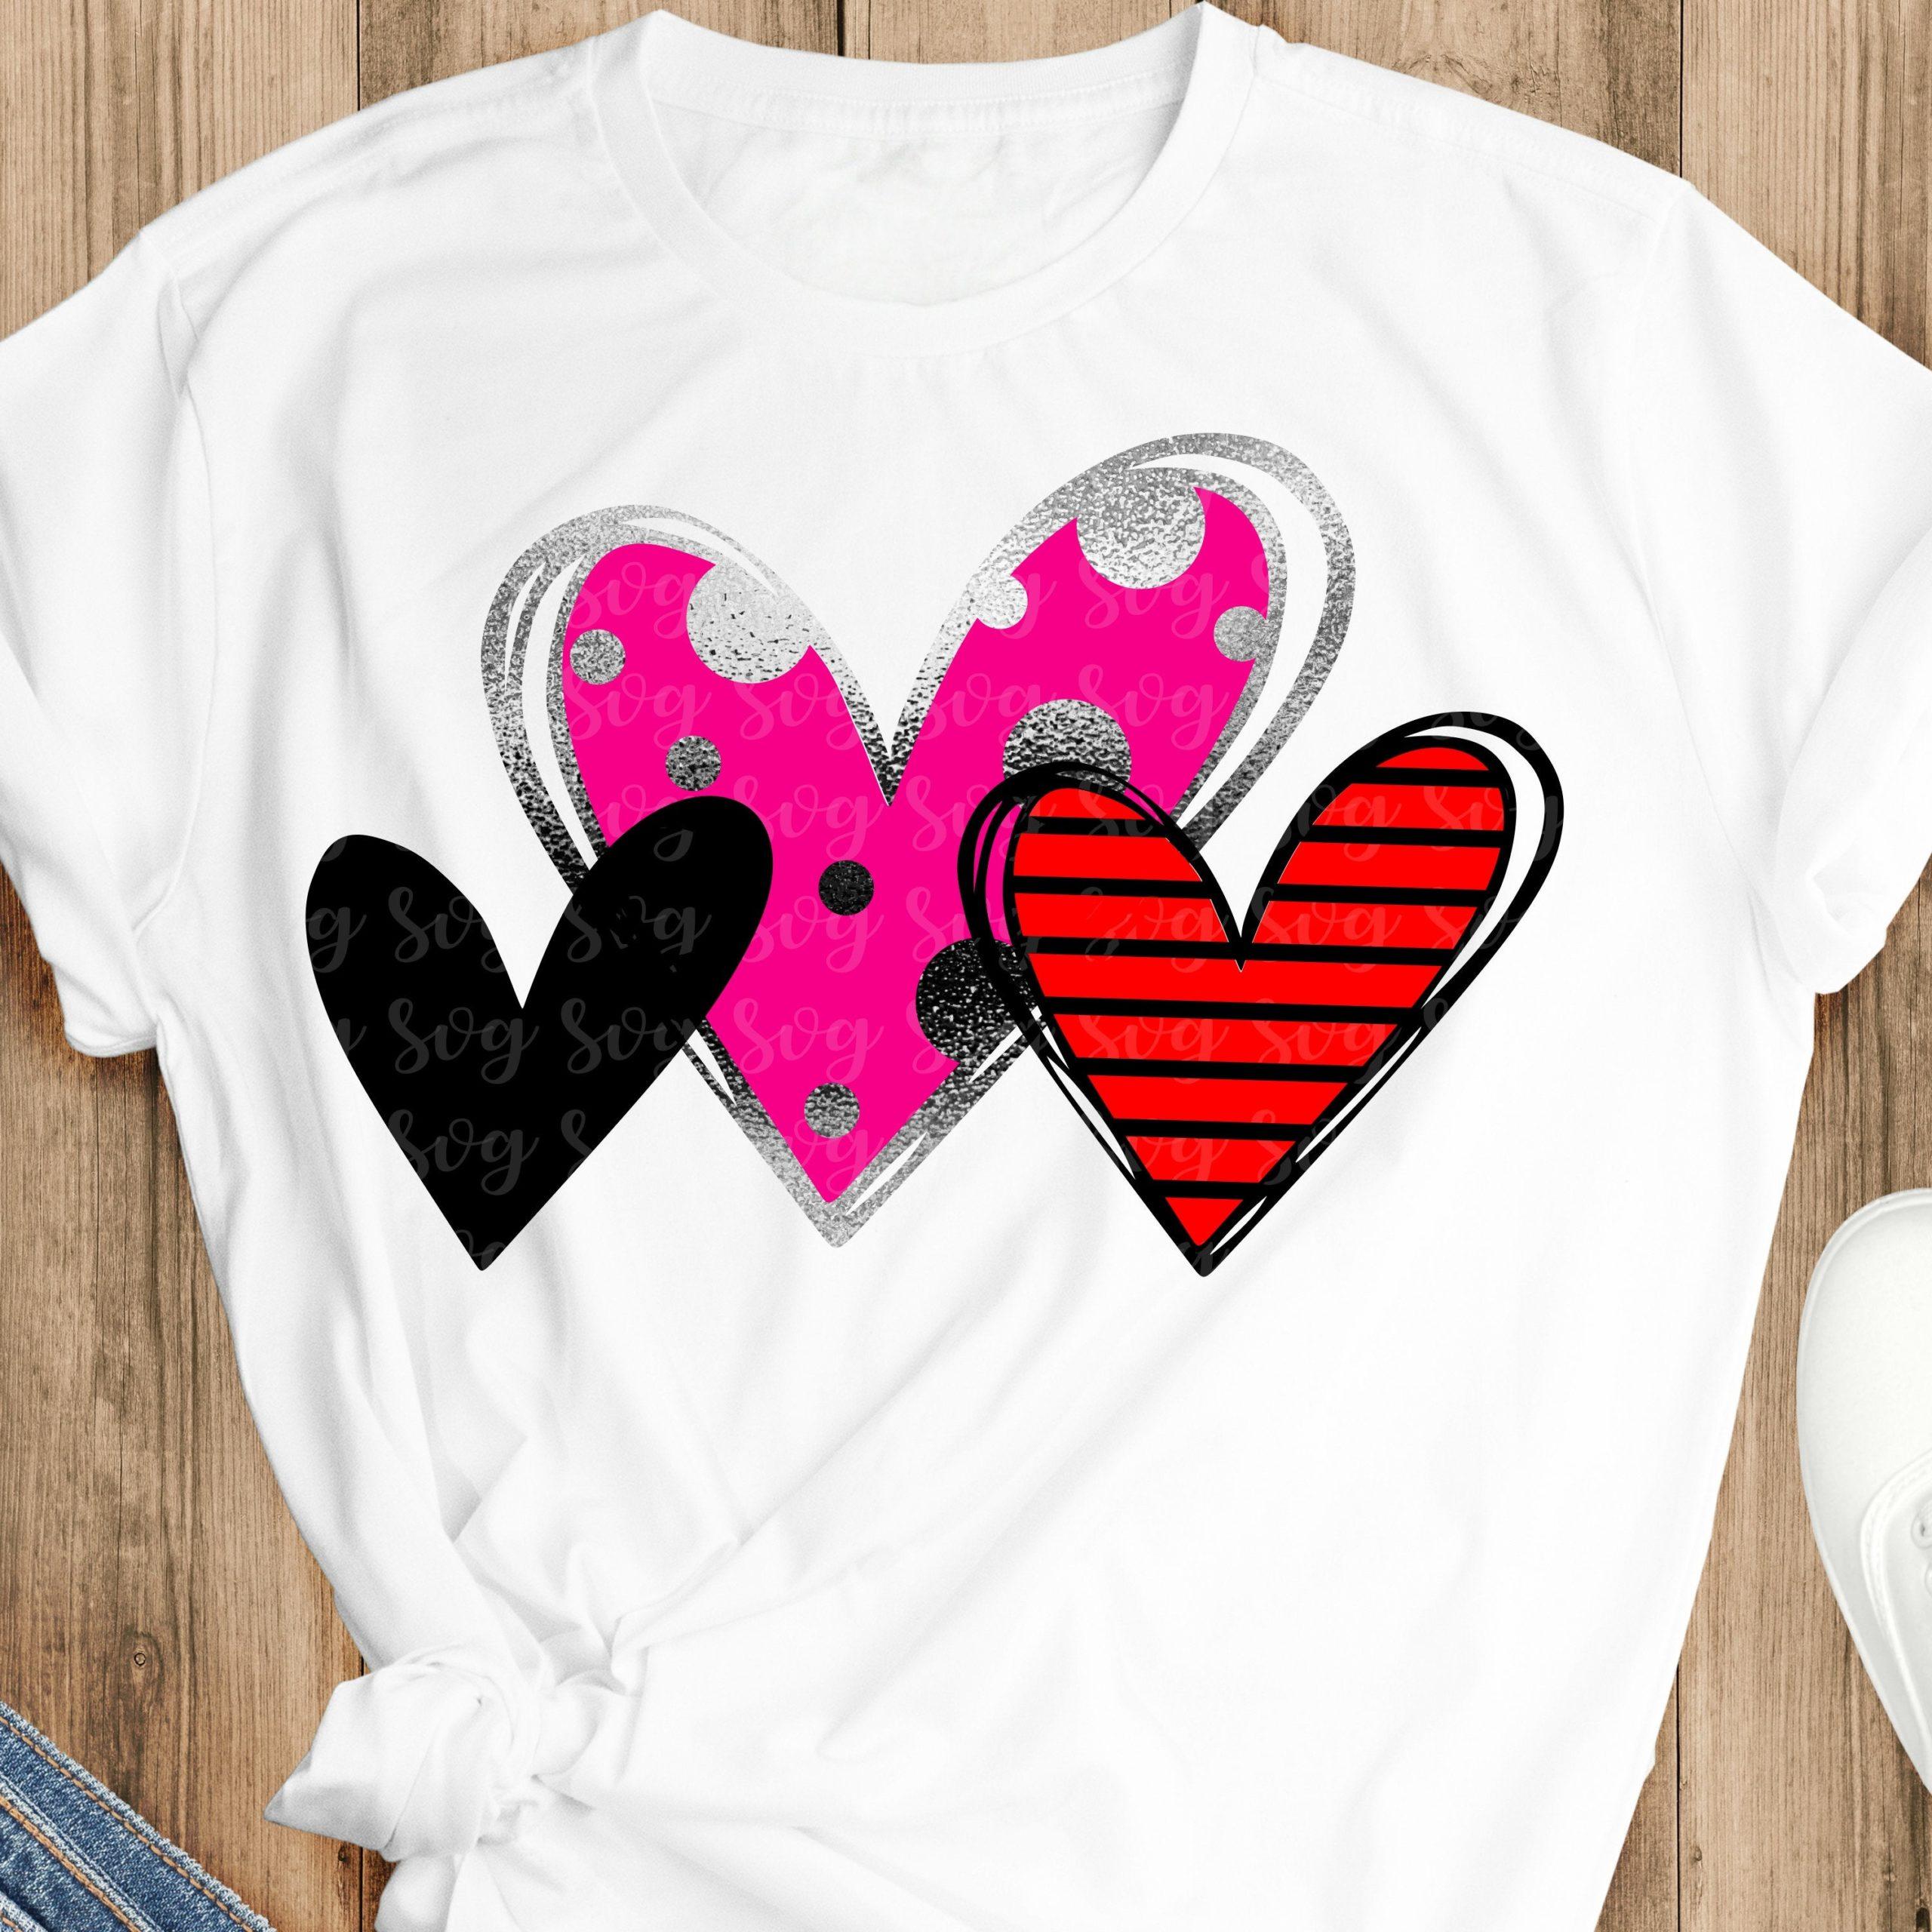 Valentine-hearts-svg-heart-svg-patterned-hearts-svg-epspngjpg-valentines-svg-valentine-svg-designsvalentine-cut-filecricut-svg-600a0276